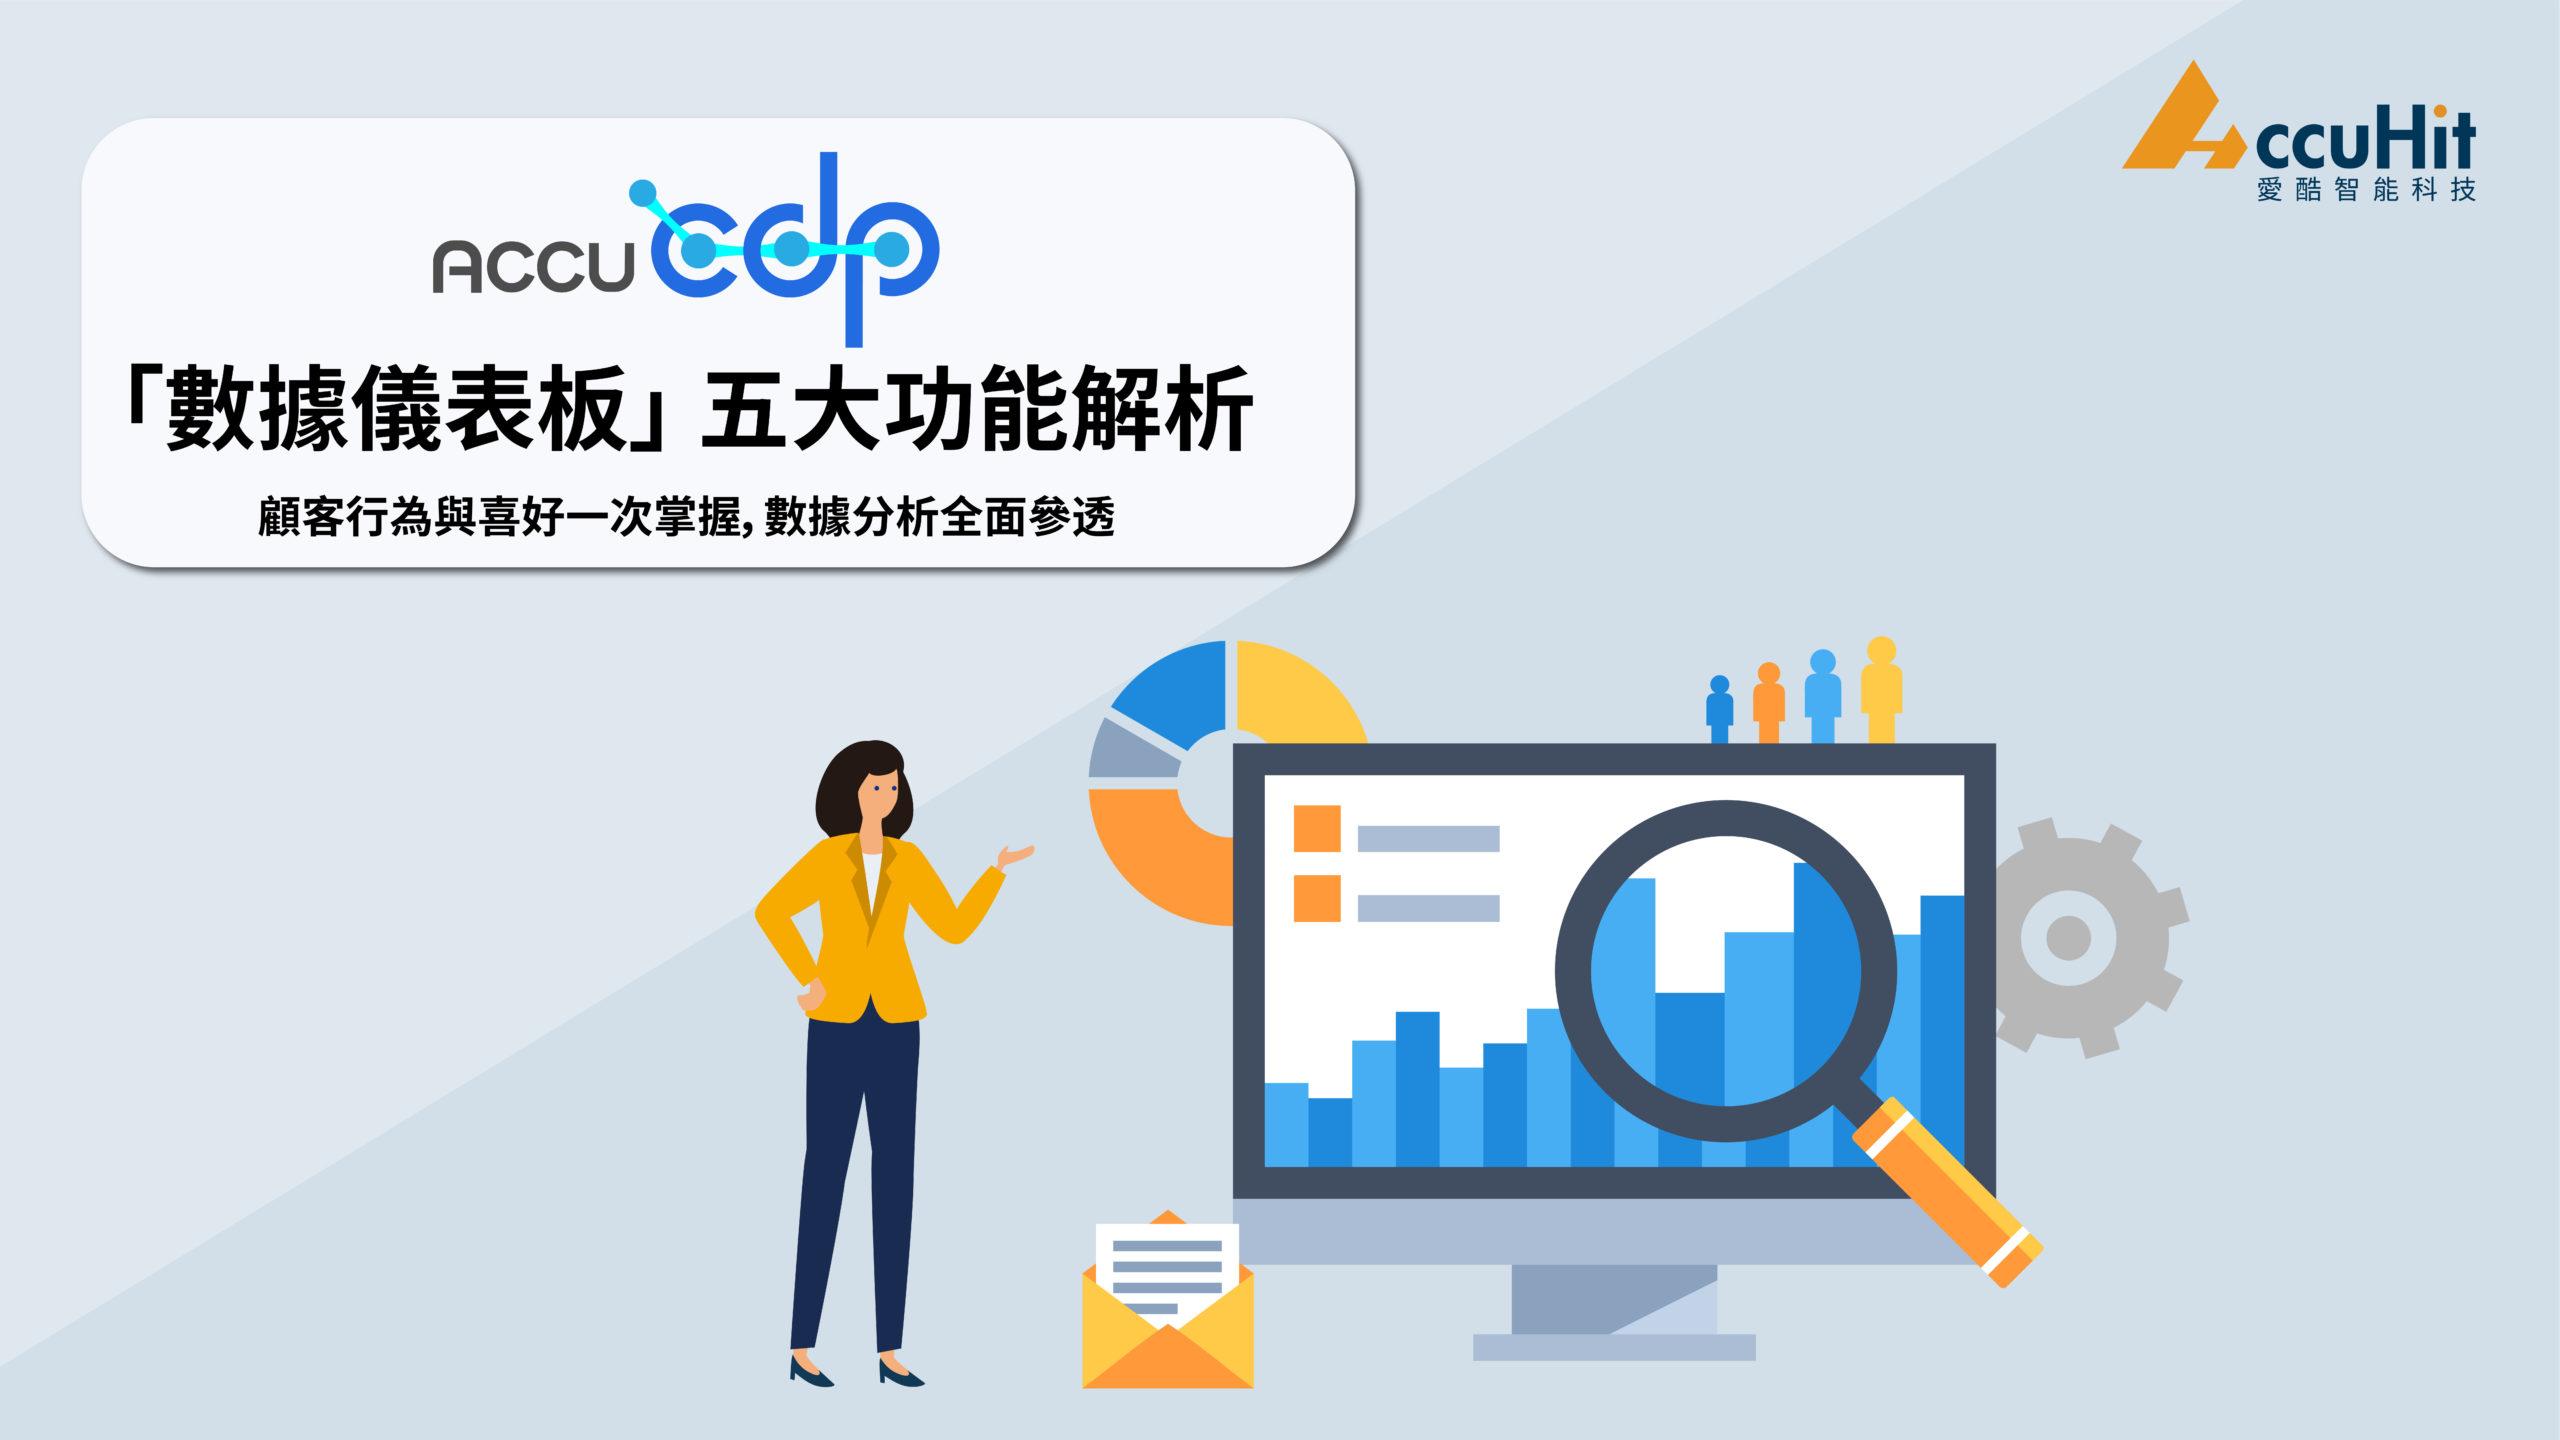 AccuCDP 「數據儀表板」五大功能解析,全面掌握顧客行為